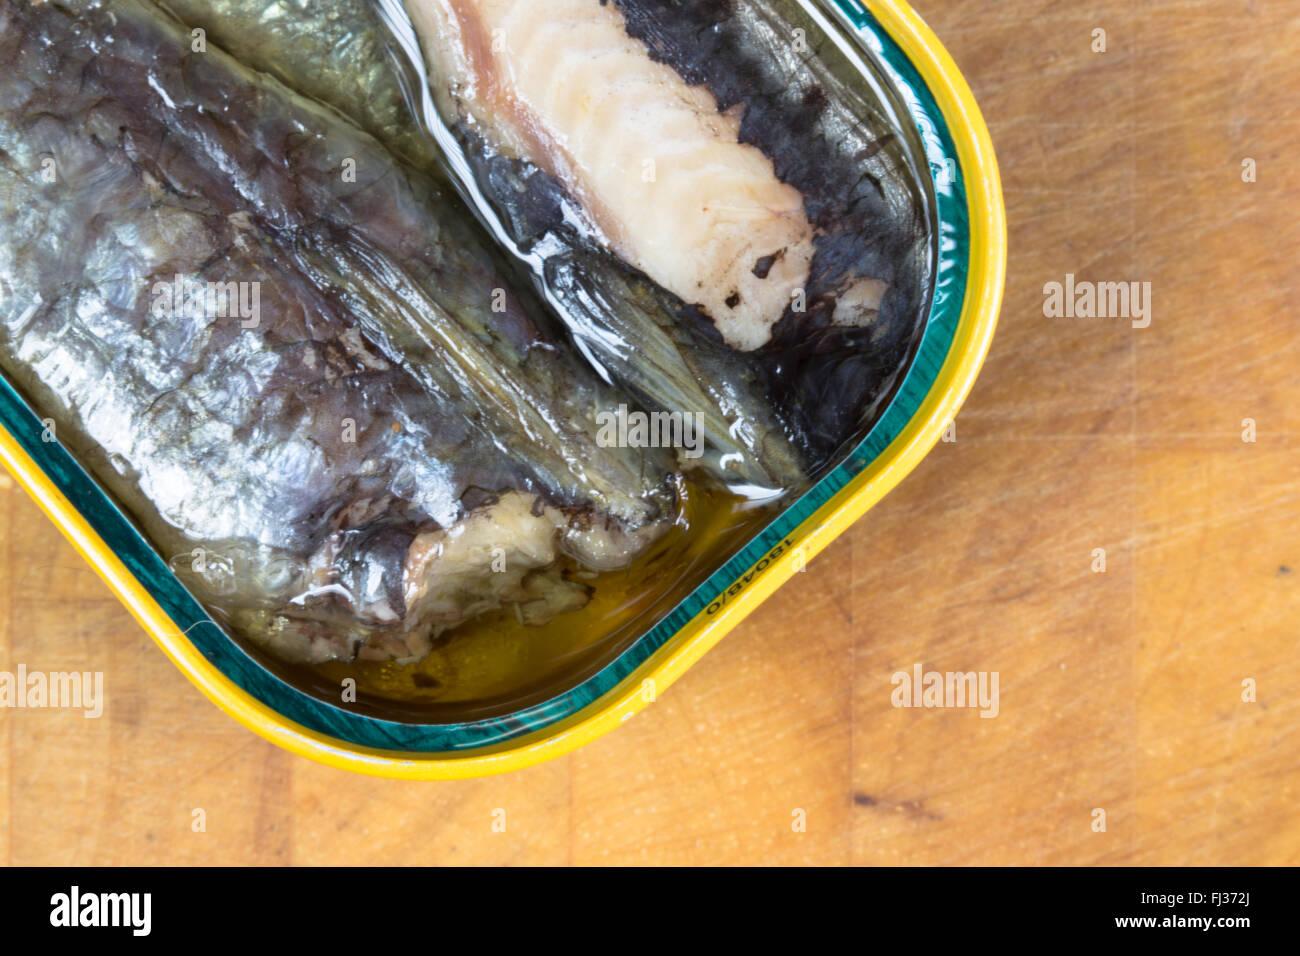 Une macro image de conserves, prêt à manger, Marocain de Sardines à l'huile de tournesol a présenté dans son ouverture l'étain. Banque D'Images